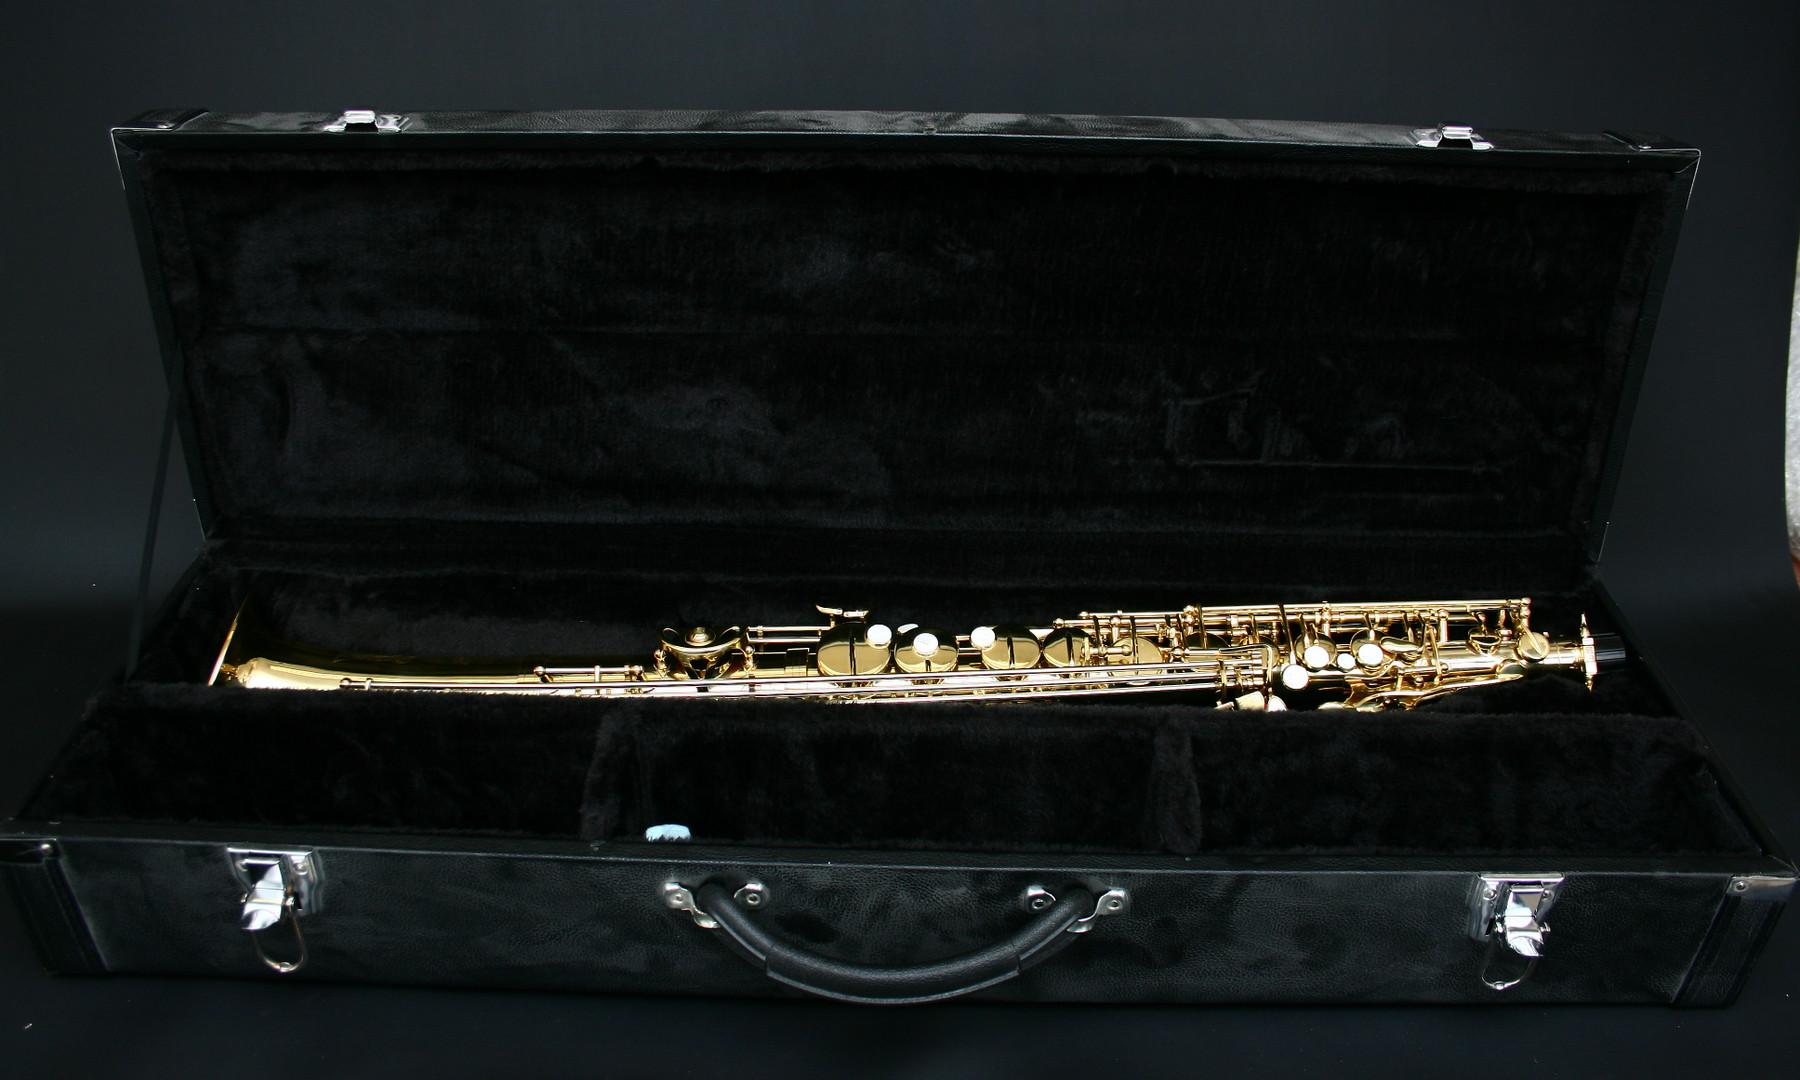 Altsaxophon Jinbao - Saxophon Maunfaktur Marx